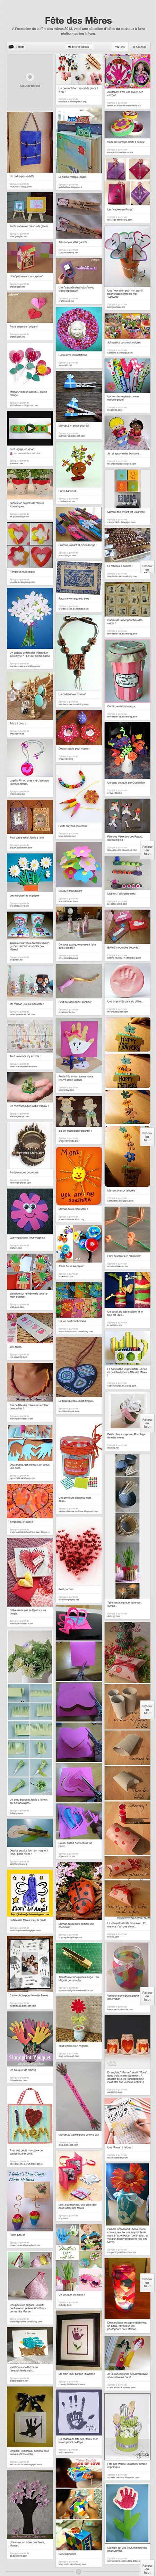 Fête des Mères : 100 idées de cadeaux à faire réaliser par vos élèves | Tilekol.org